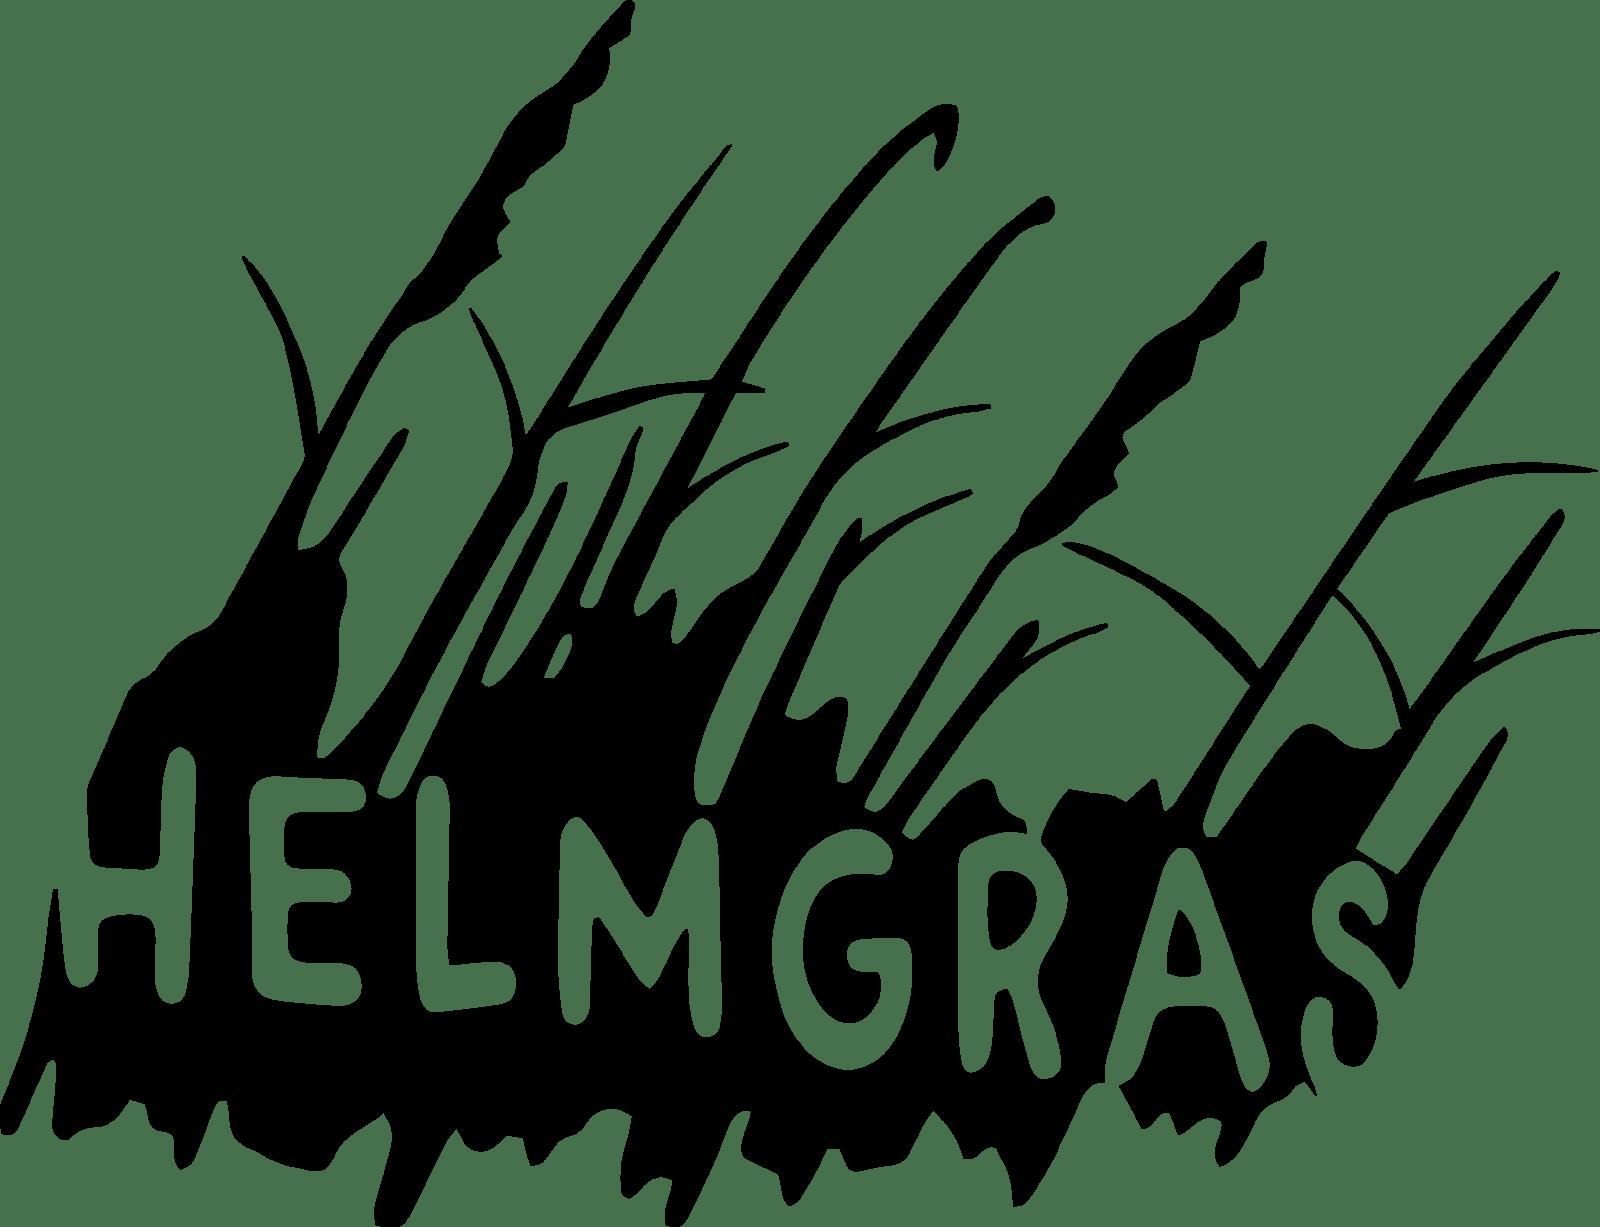 Helmgras Festival